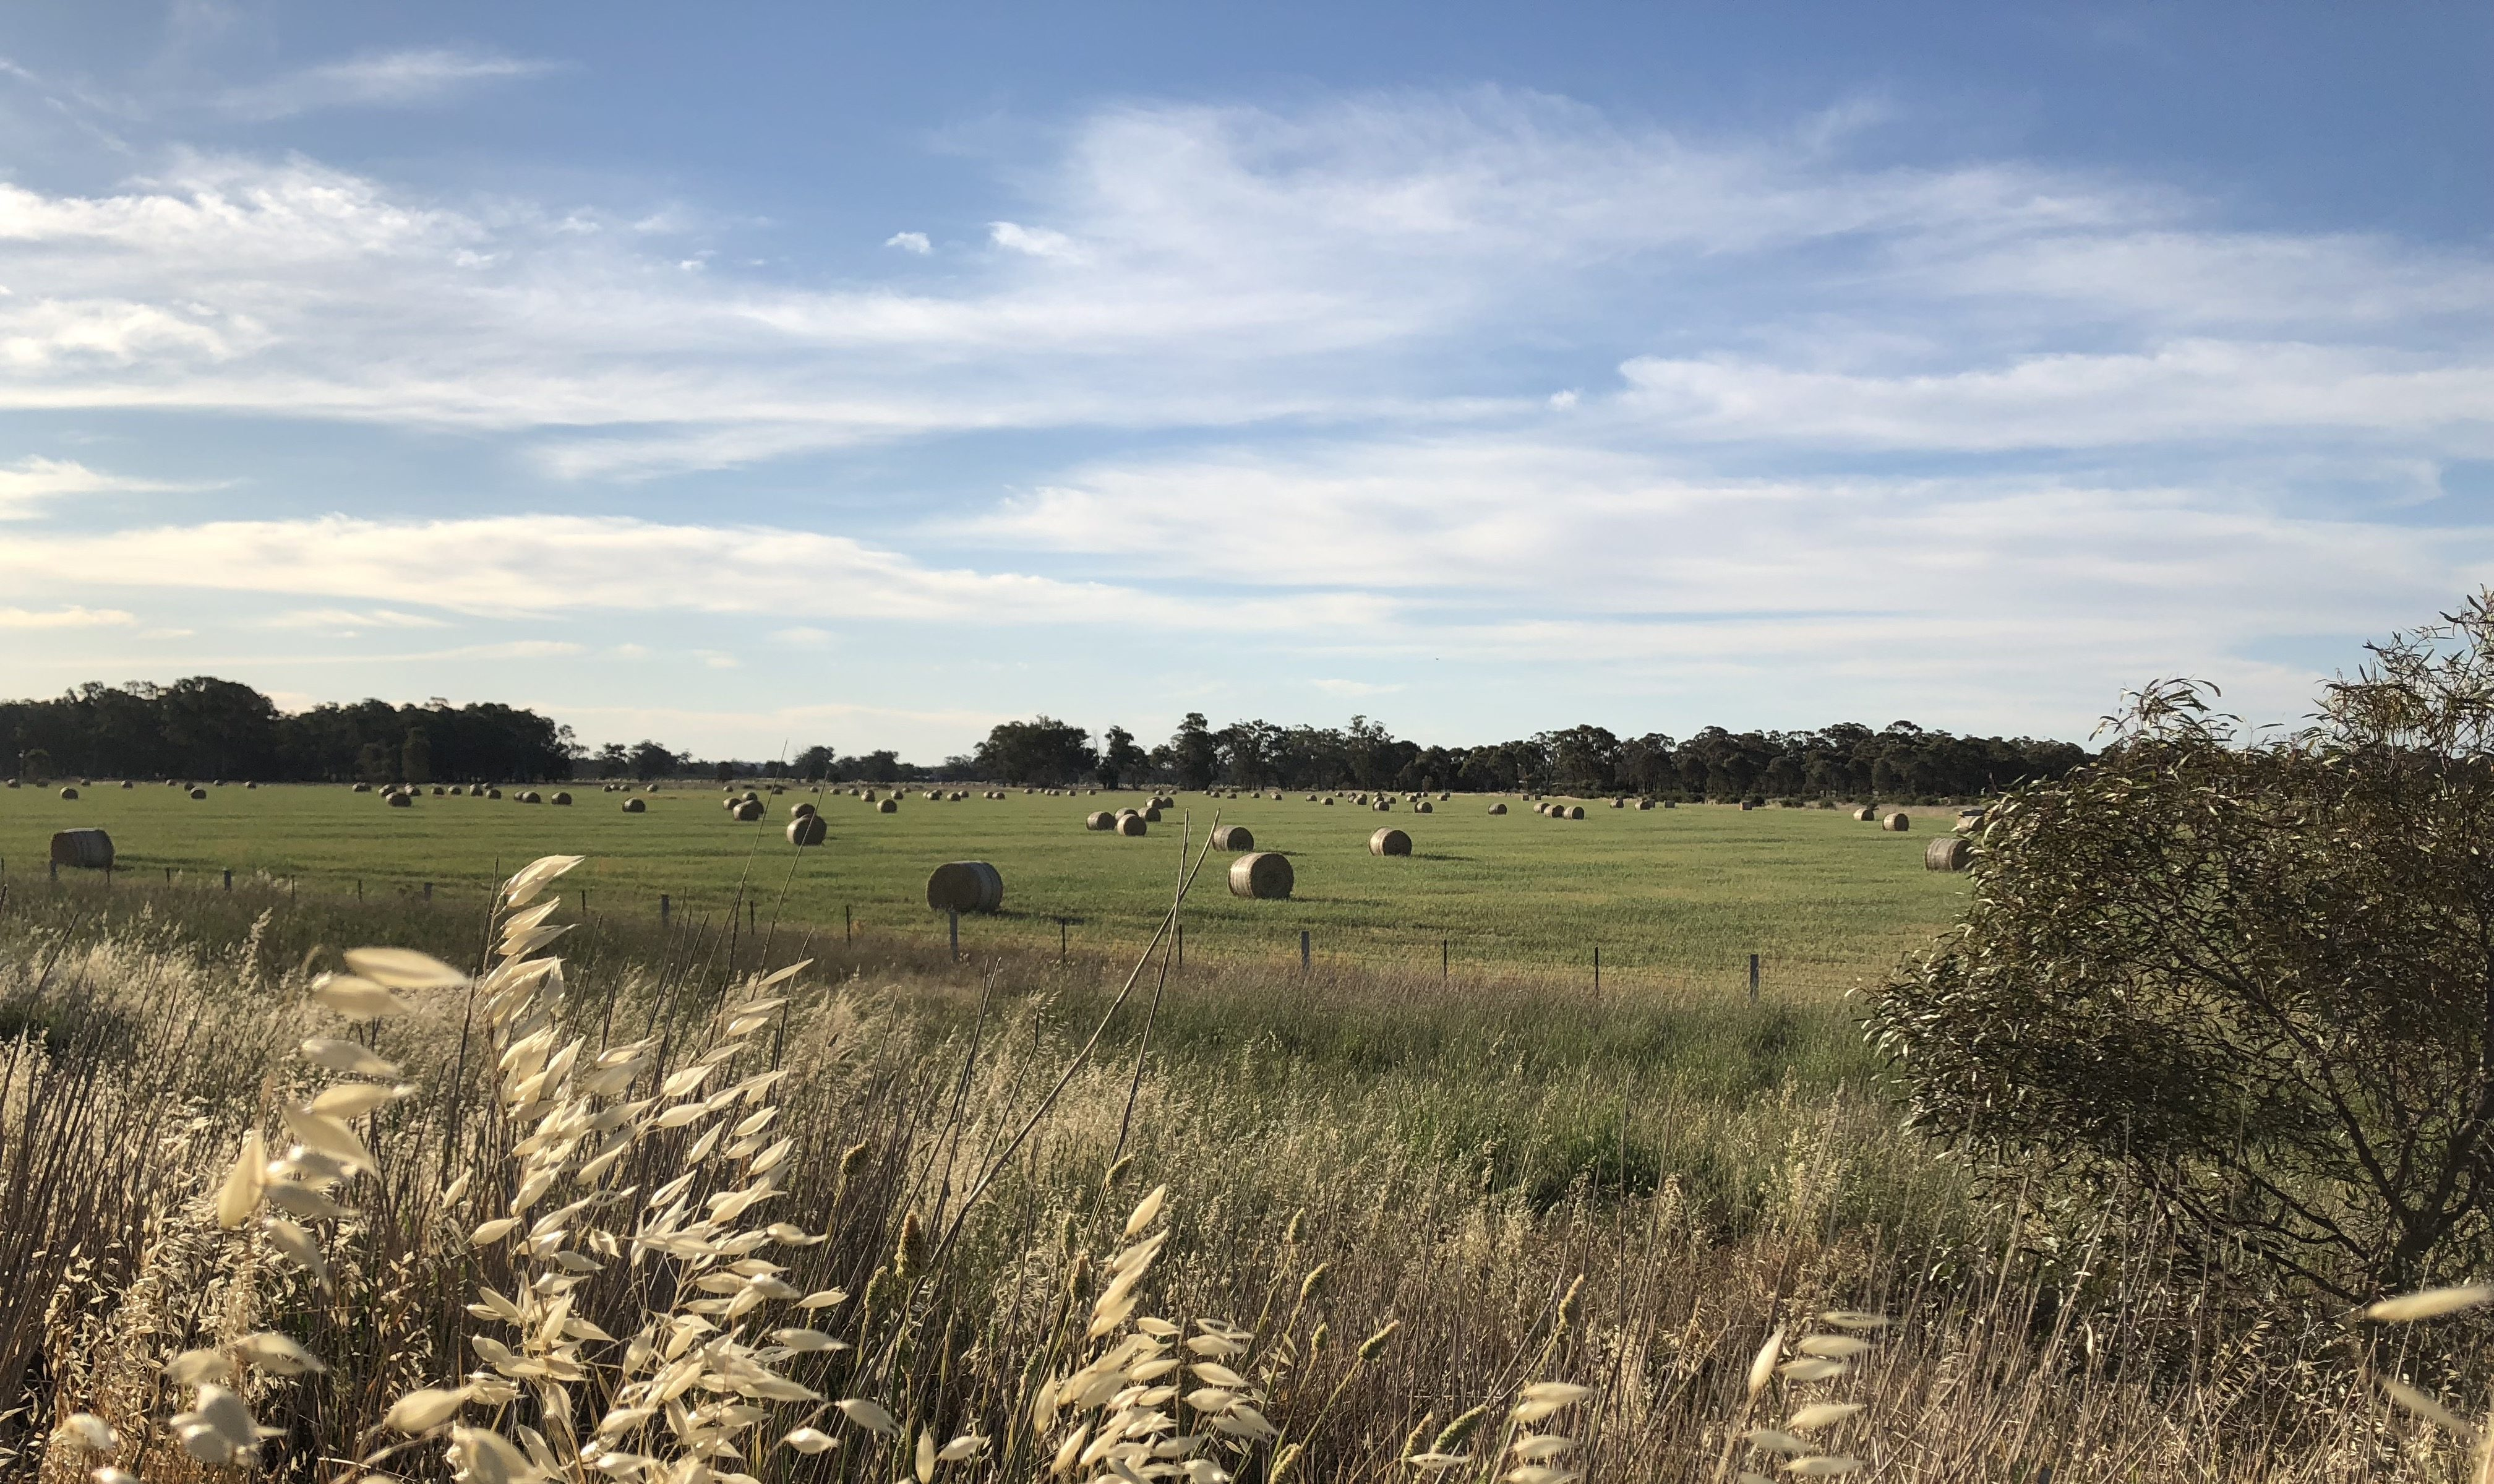 blue-skies-green-field-hay-bales